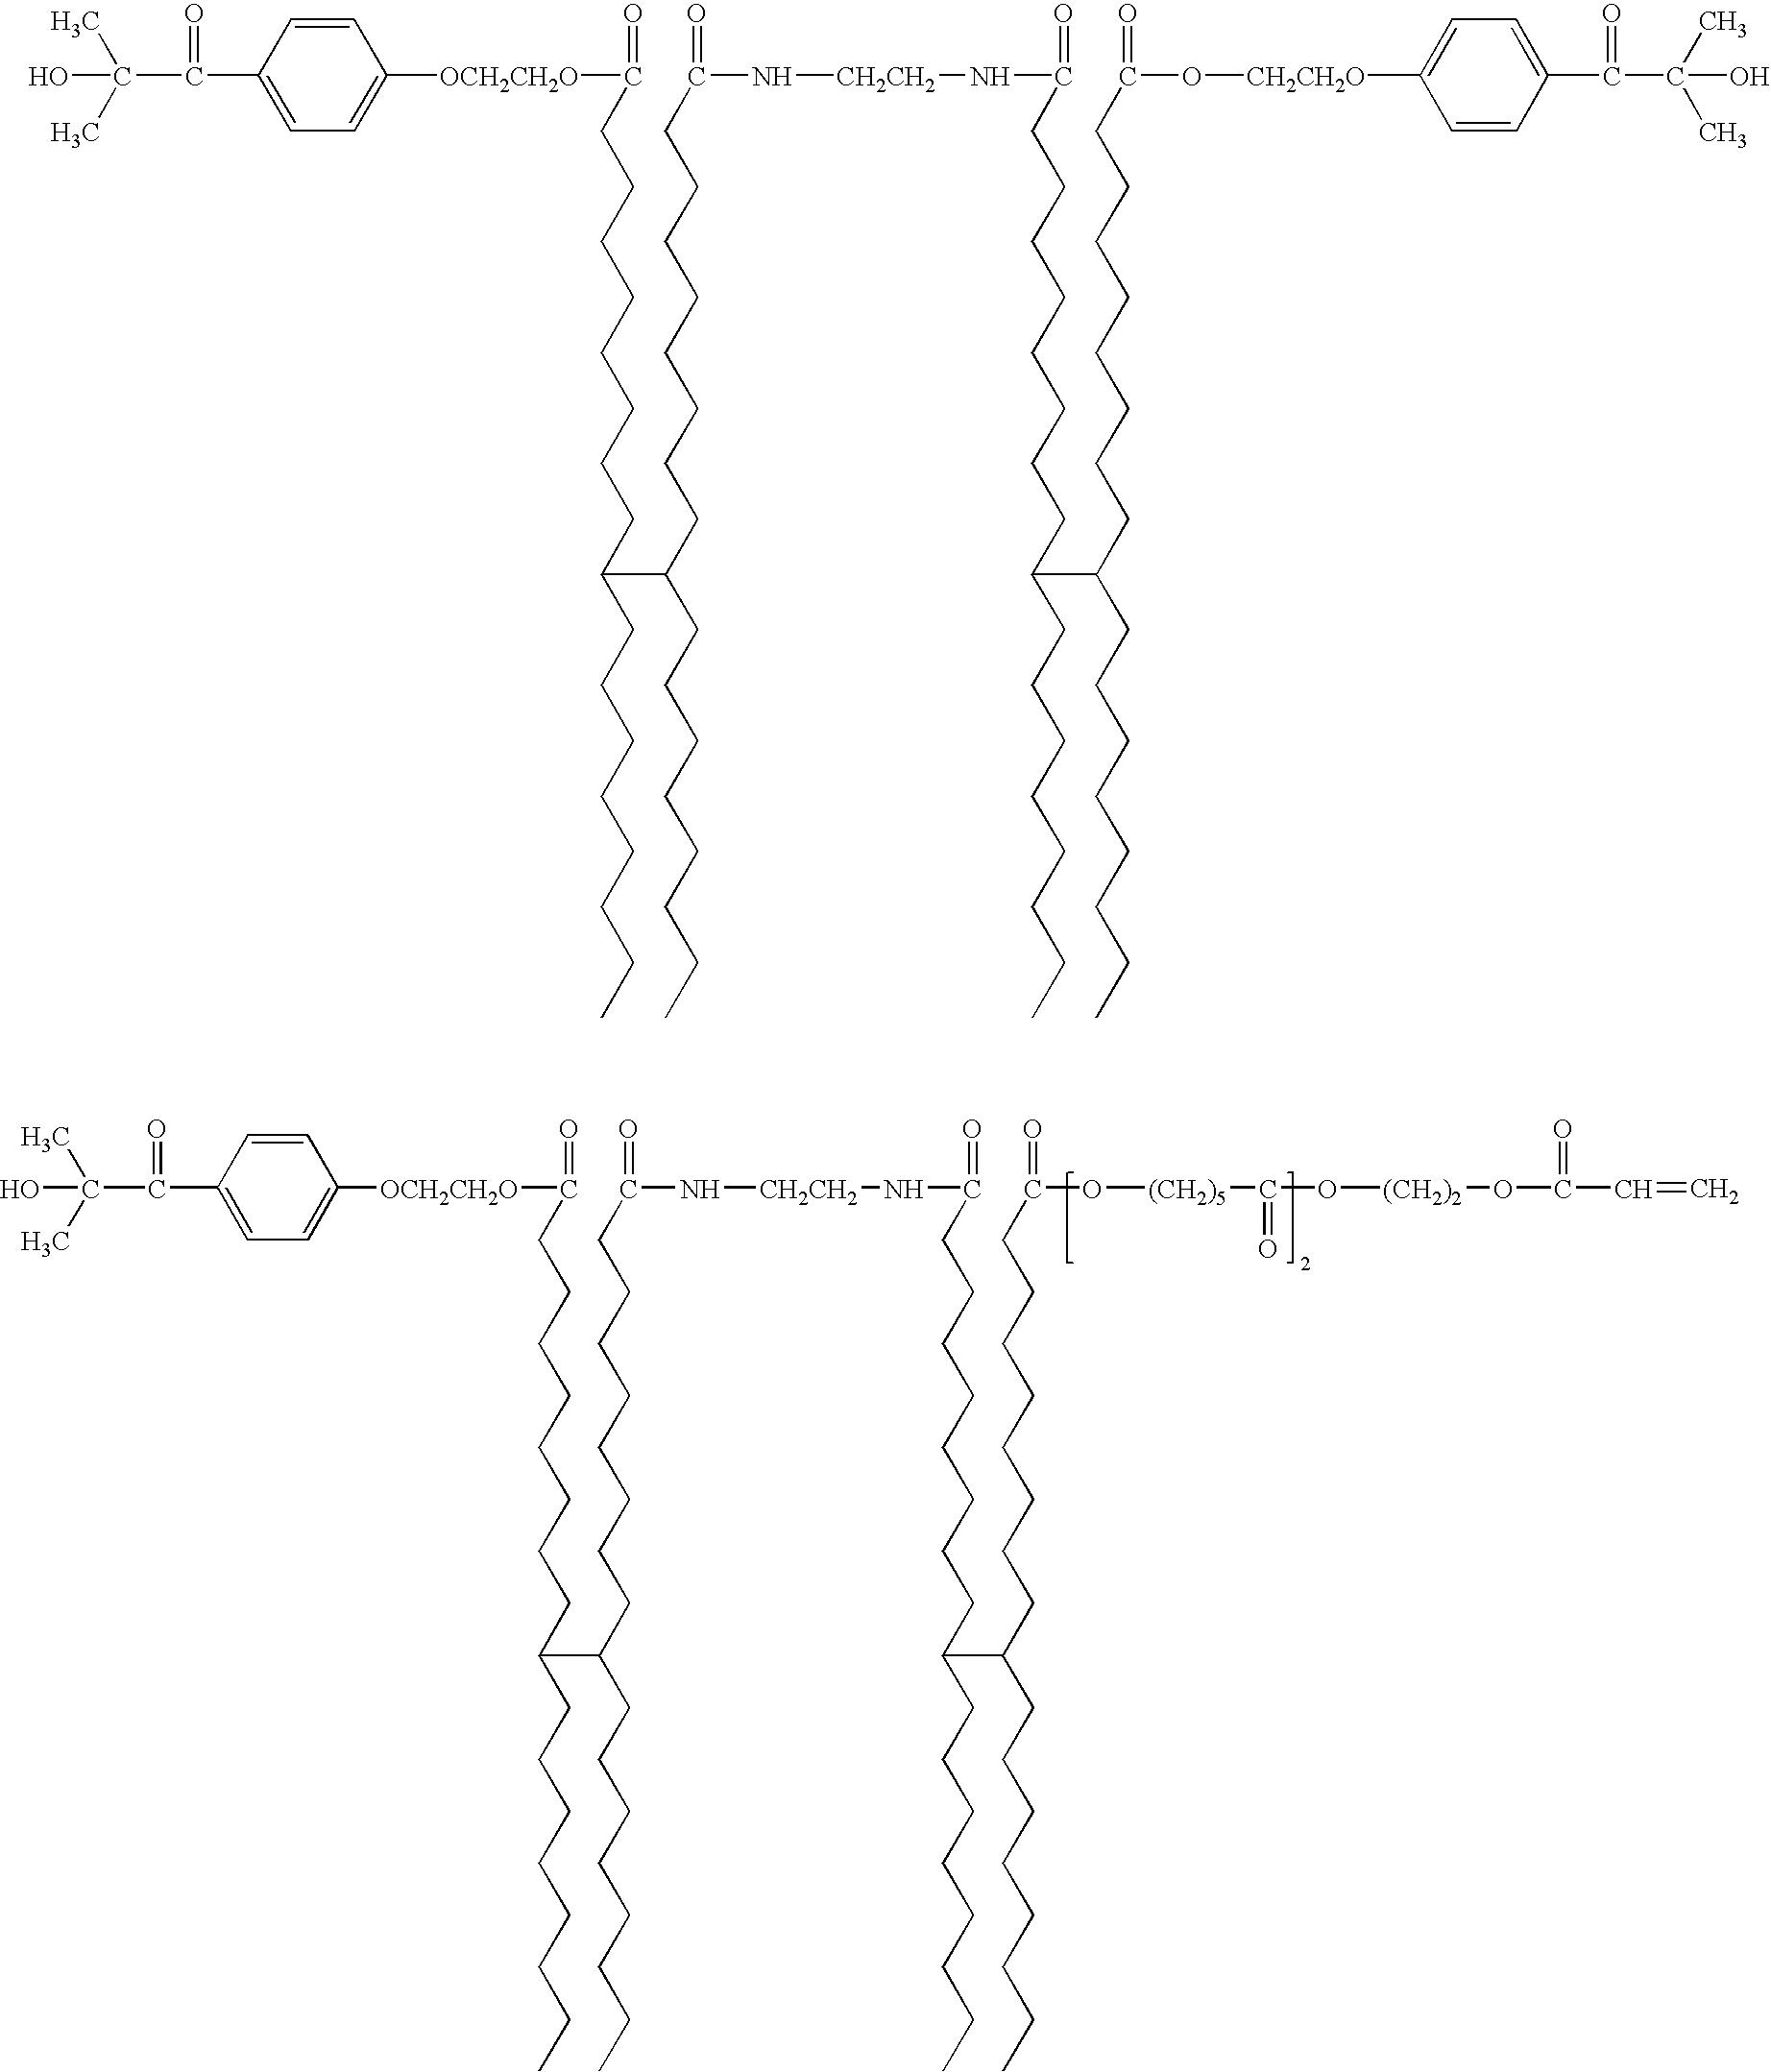 Figure US20070120910A1-20070531-C00059